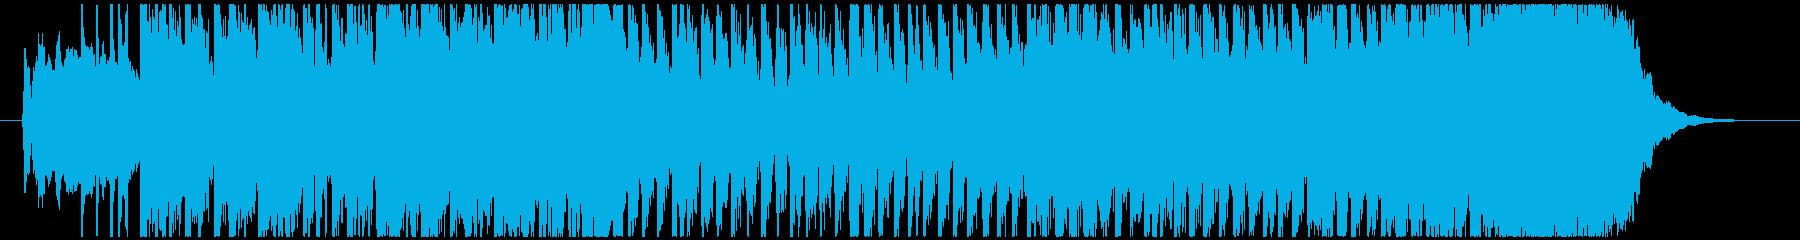 江戸前のハゼに捧げる和風EDM尺八など。の再生済みの波形